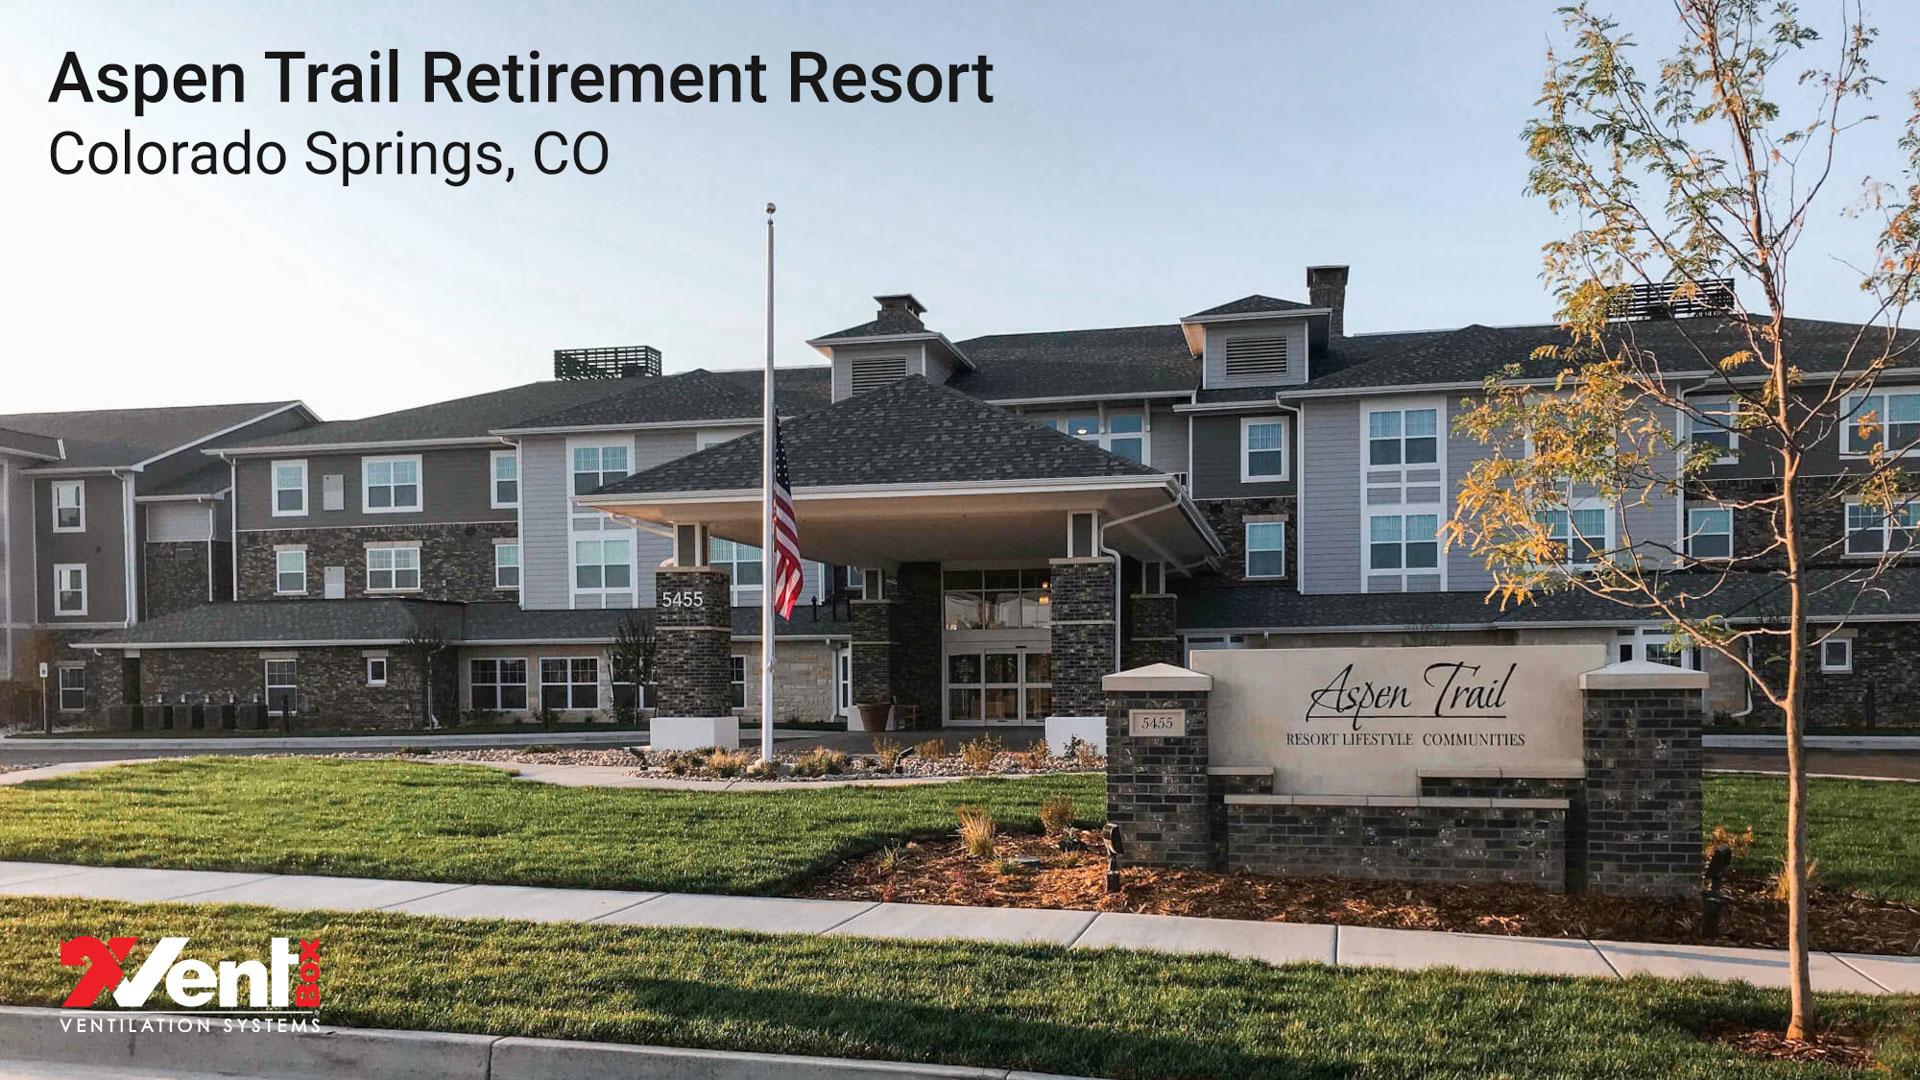 Aspen Trail Retirement Resort